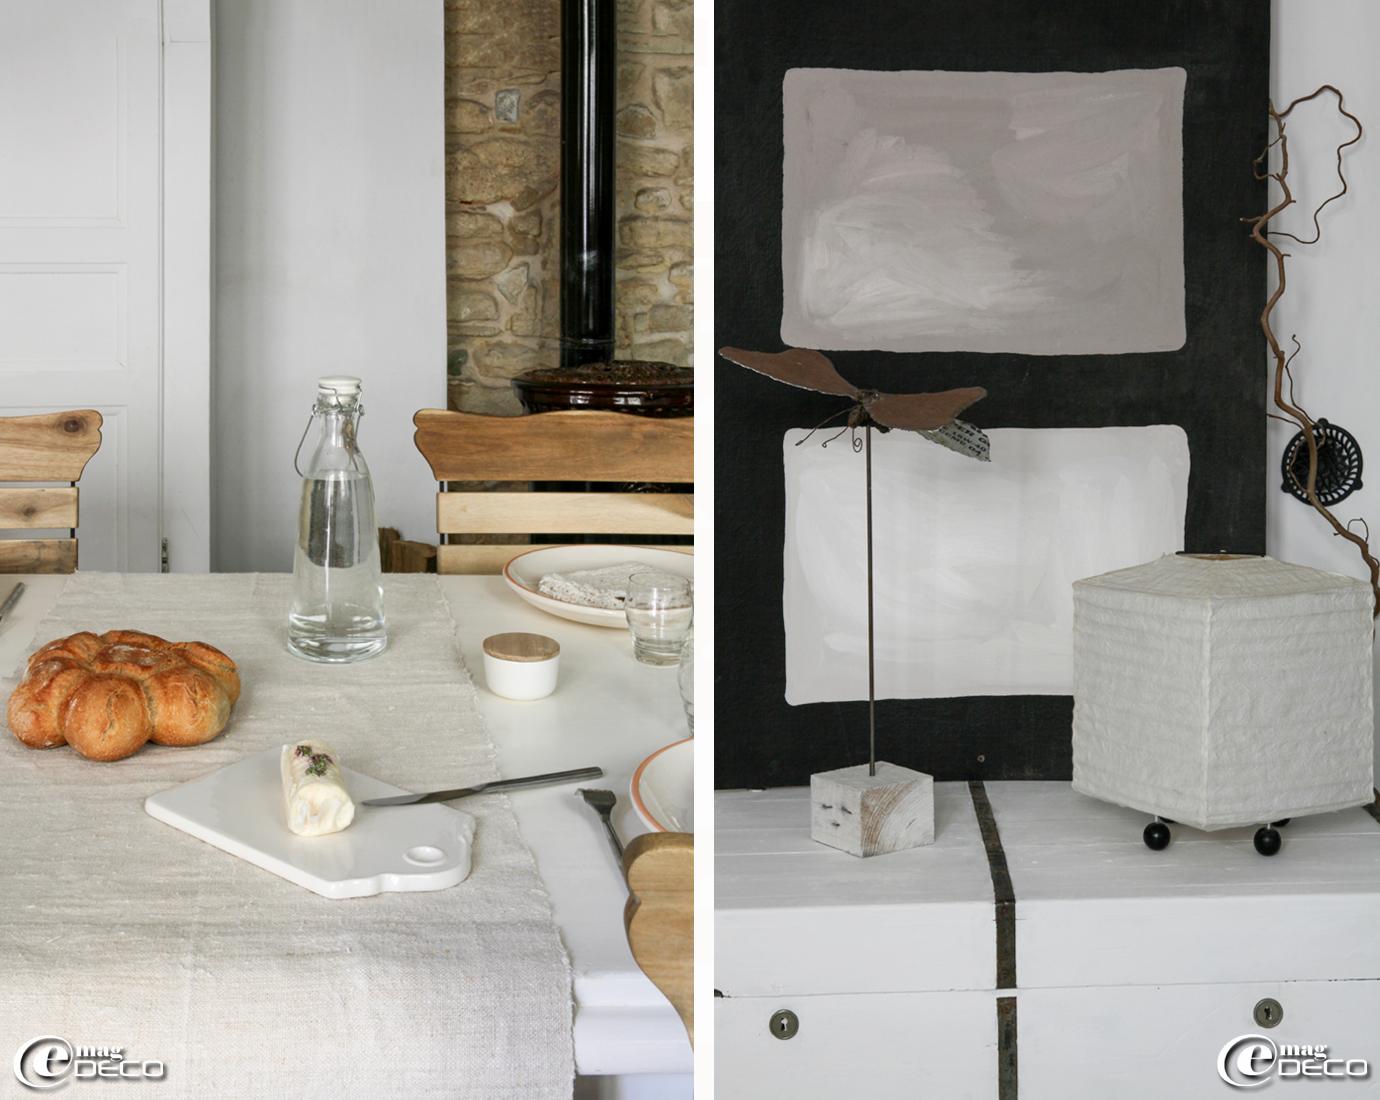 Planche en céramique blanche, boutique 'Clair de Lune' à Uzès, papillon créé par Yoann Belland, lampe en papier 'AM.PM.'